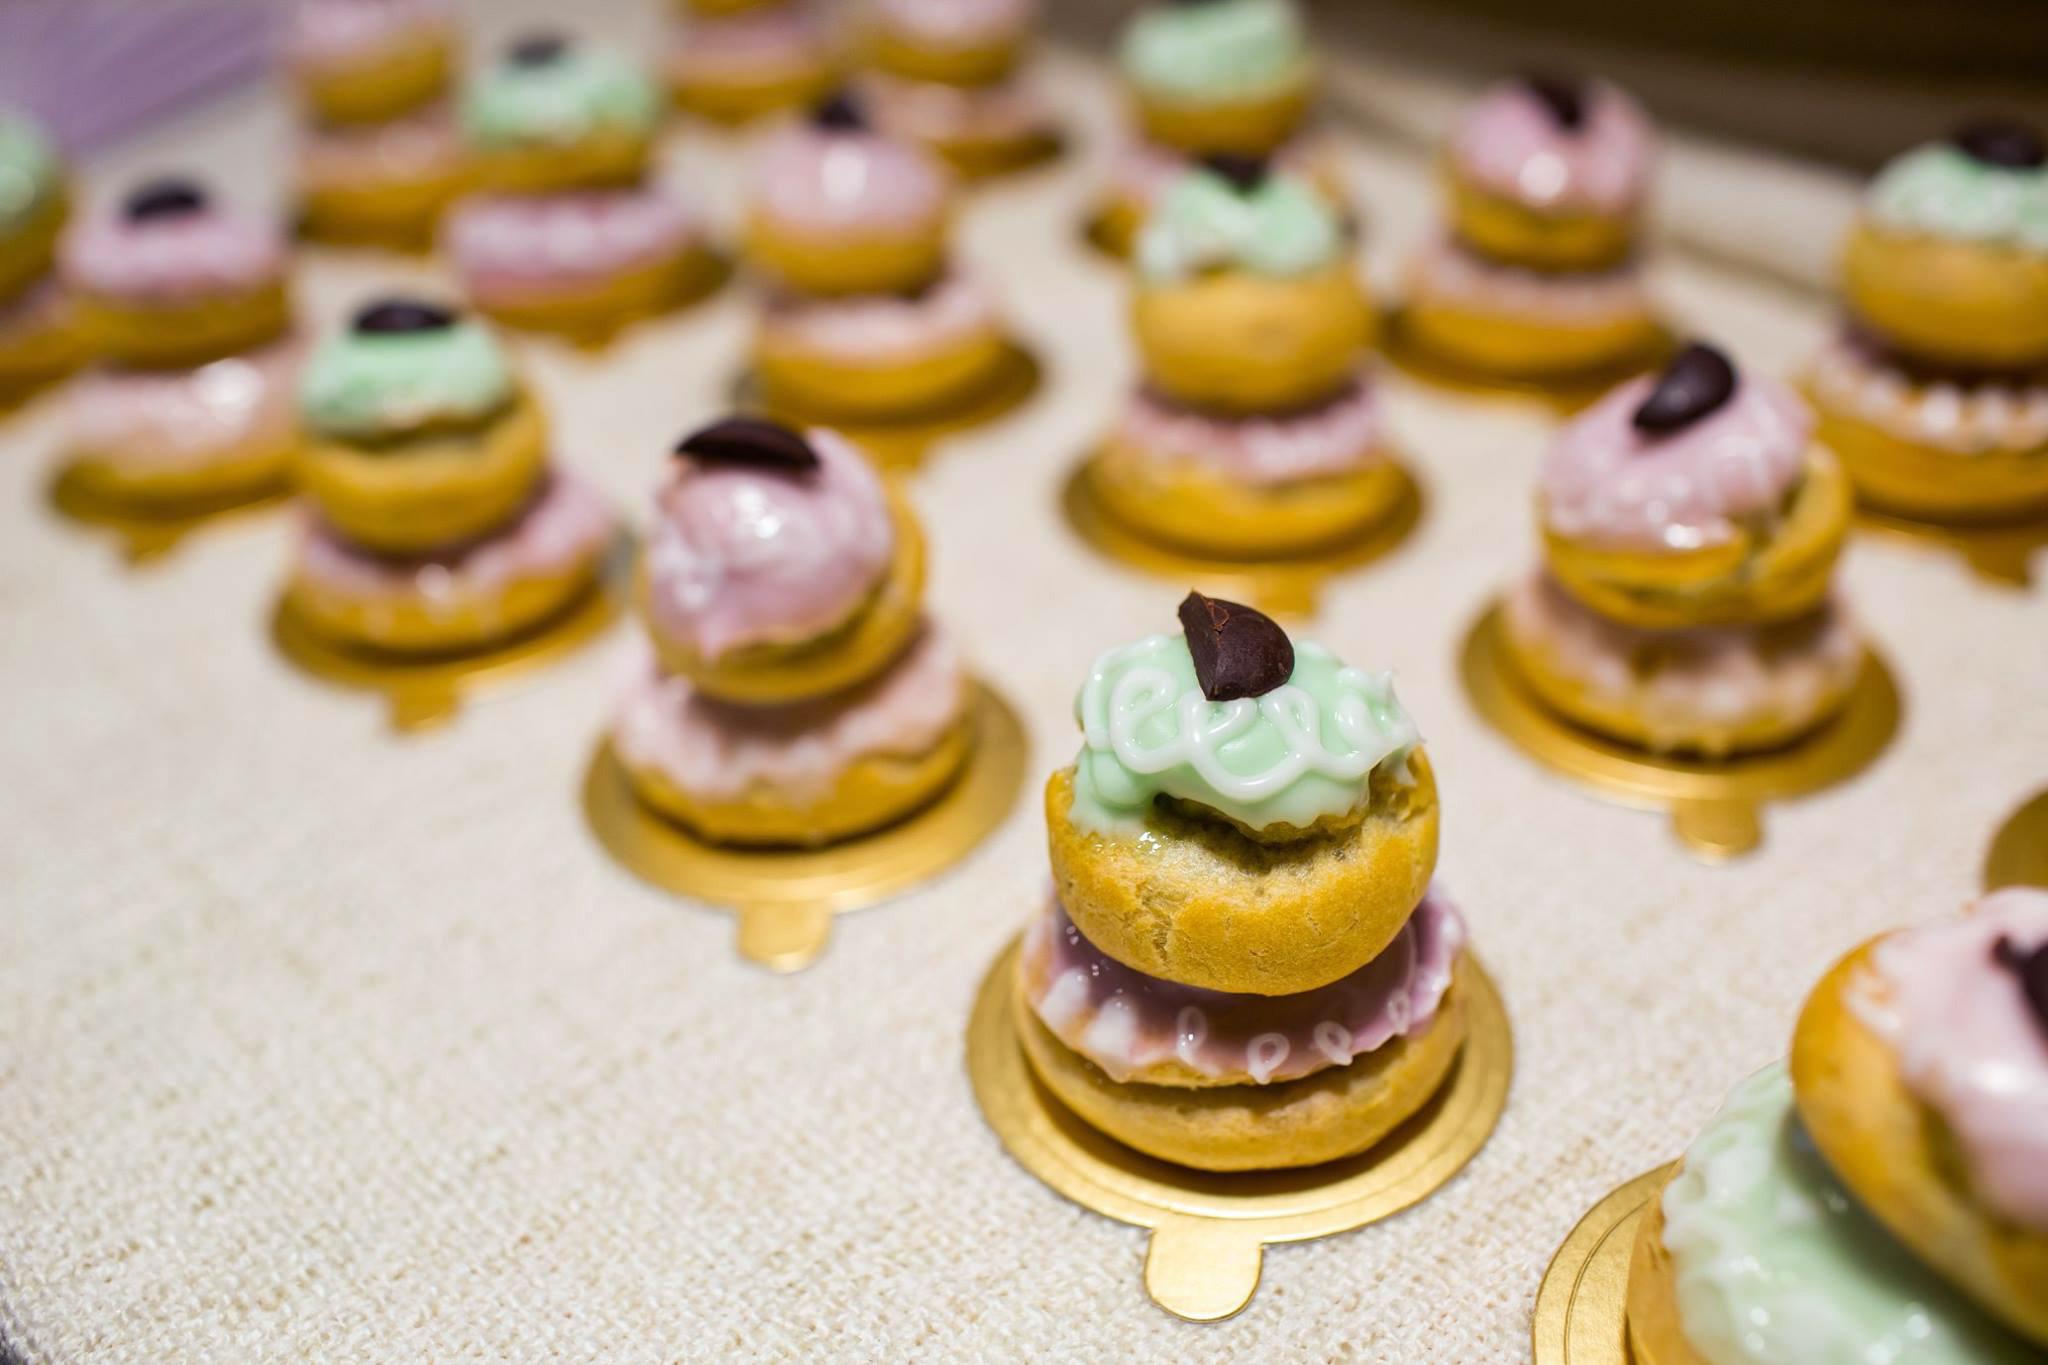 The Grand Budapest Hotel   Mendl's Courtesan au Chocolat   Homemade by Nova